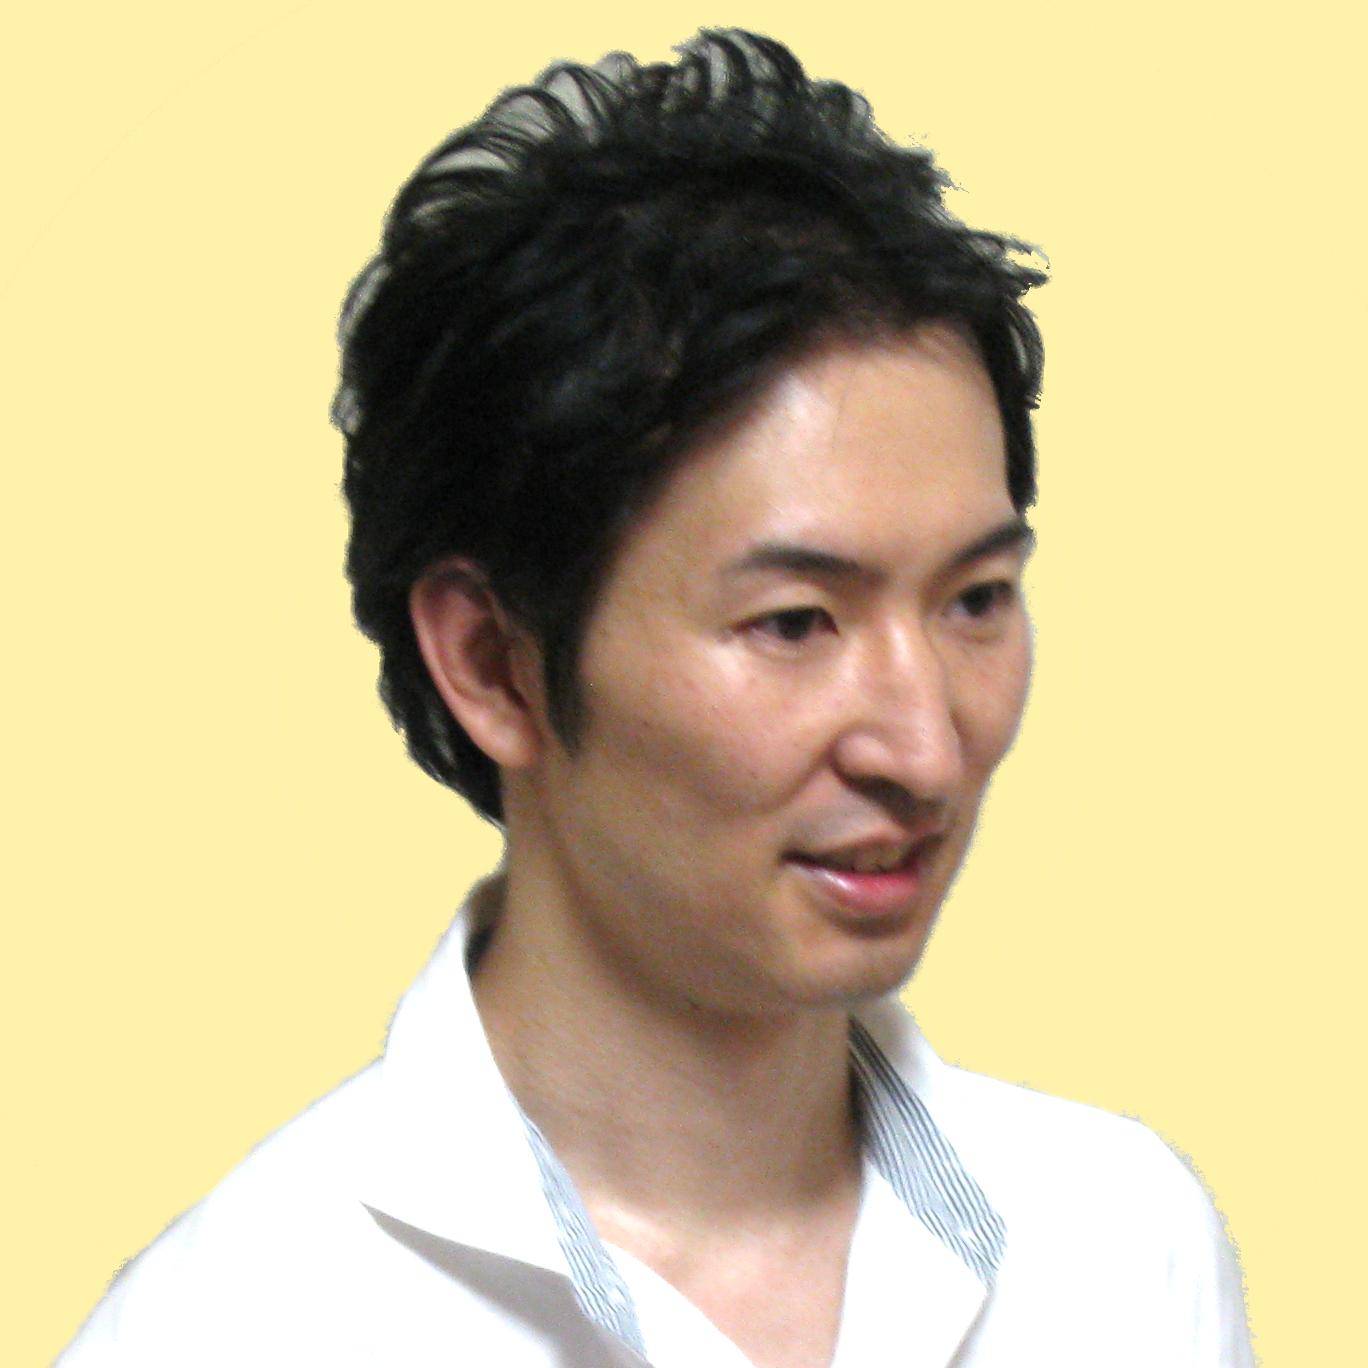 10年以上続く体の悩み【病気・体調不良・美容】の改善を専門に行っている、『体操ドクター』の羽田知史